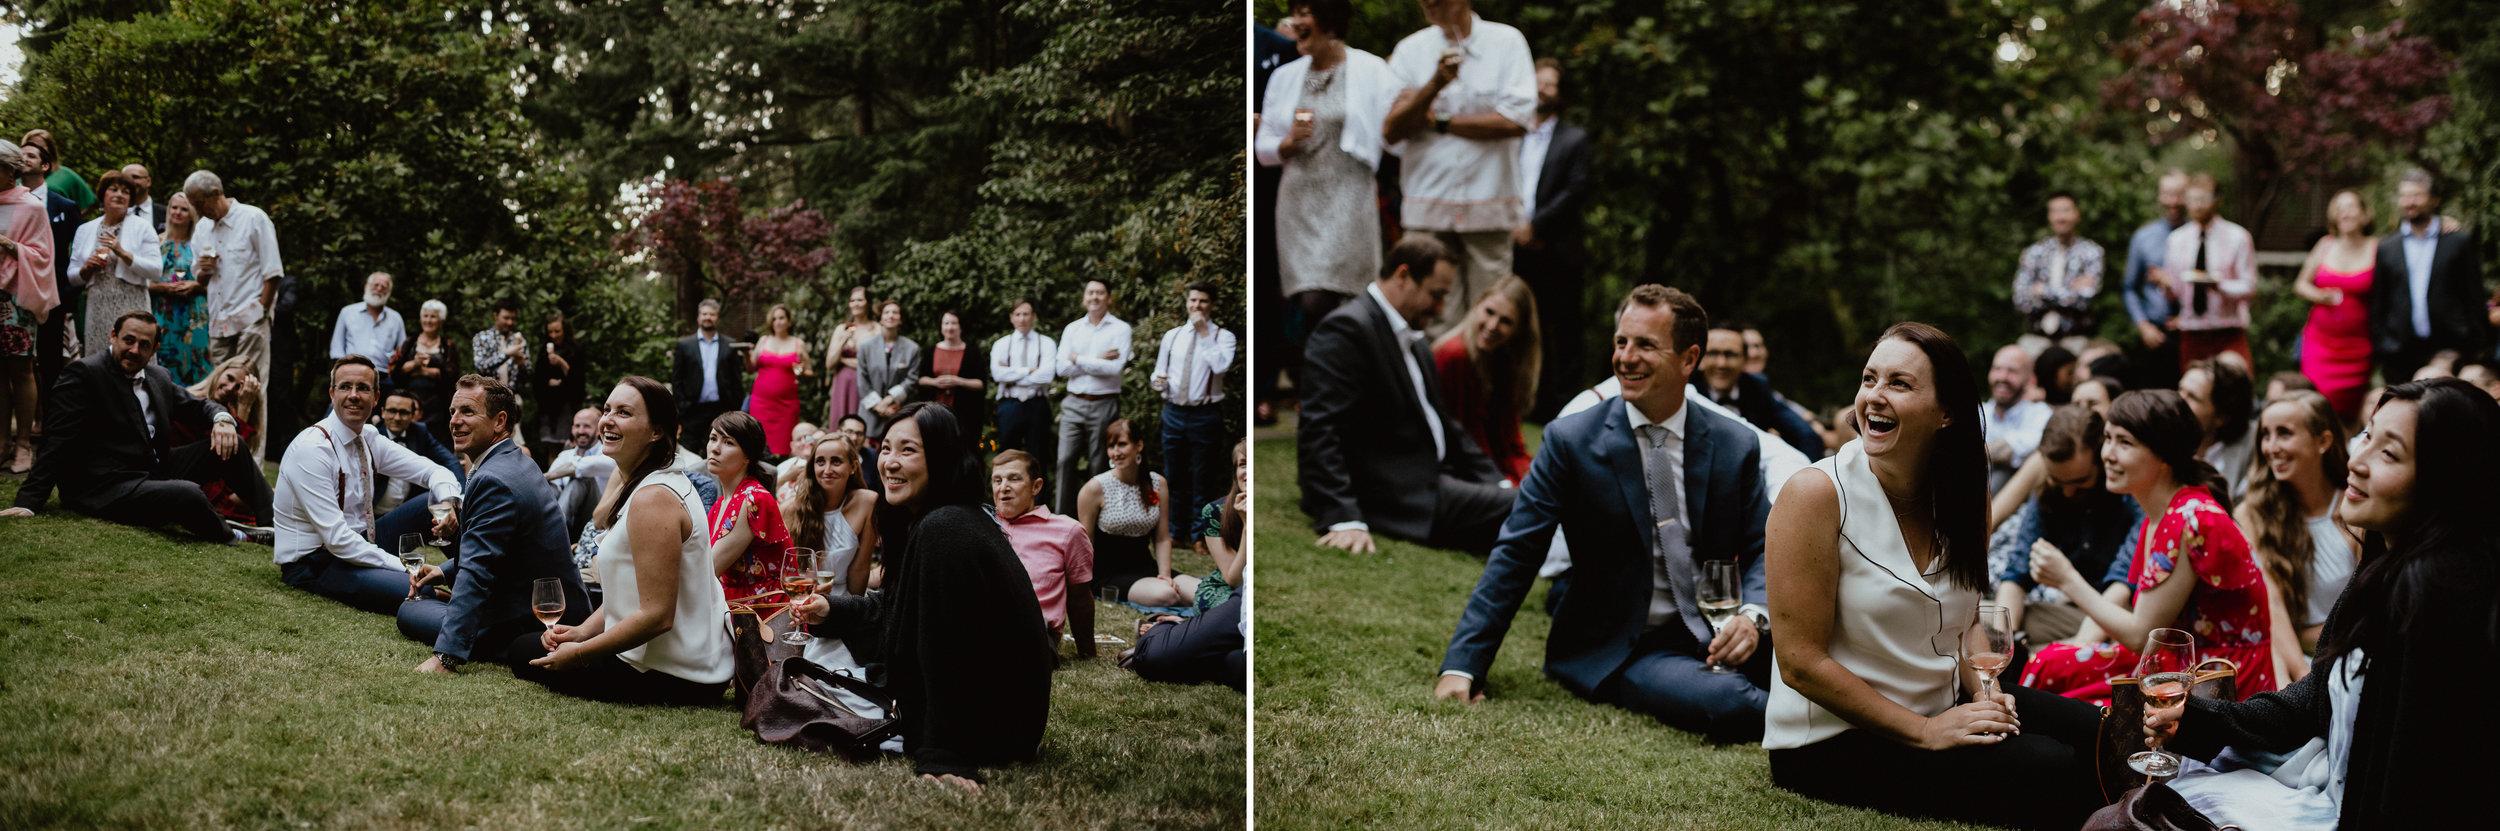 west-vancouver-backyard-wedding-248.jpg